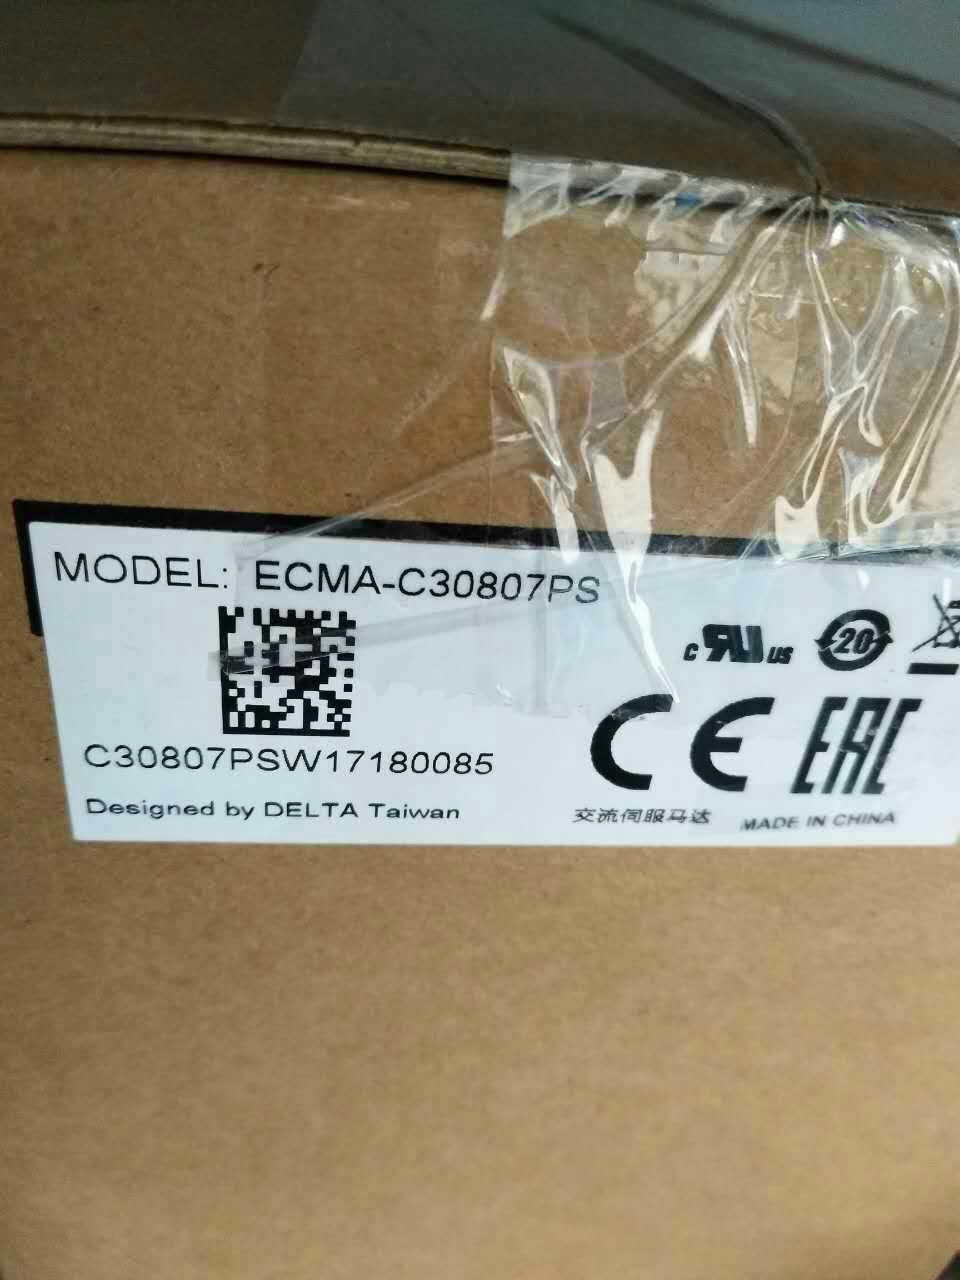 New original genuine servo motor ECMA-C30807PSNew original genuine servo motor ECMA-C30807PS